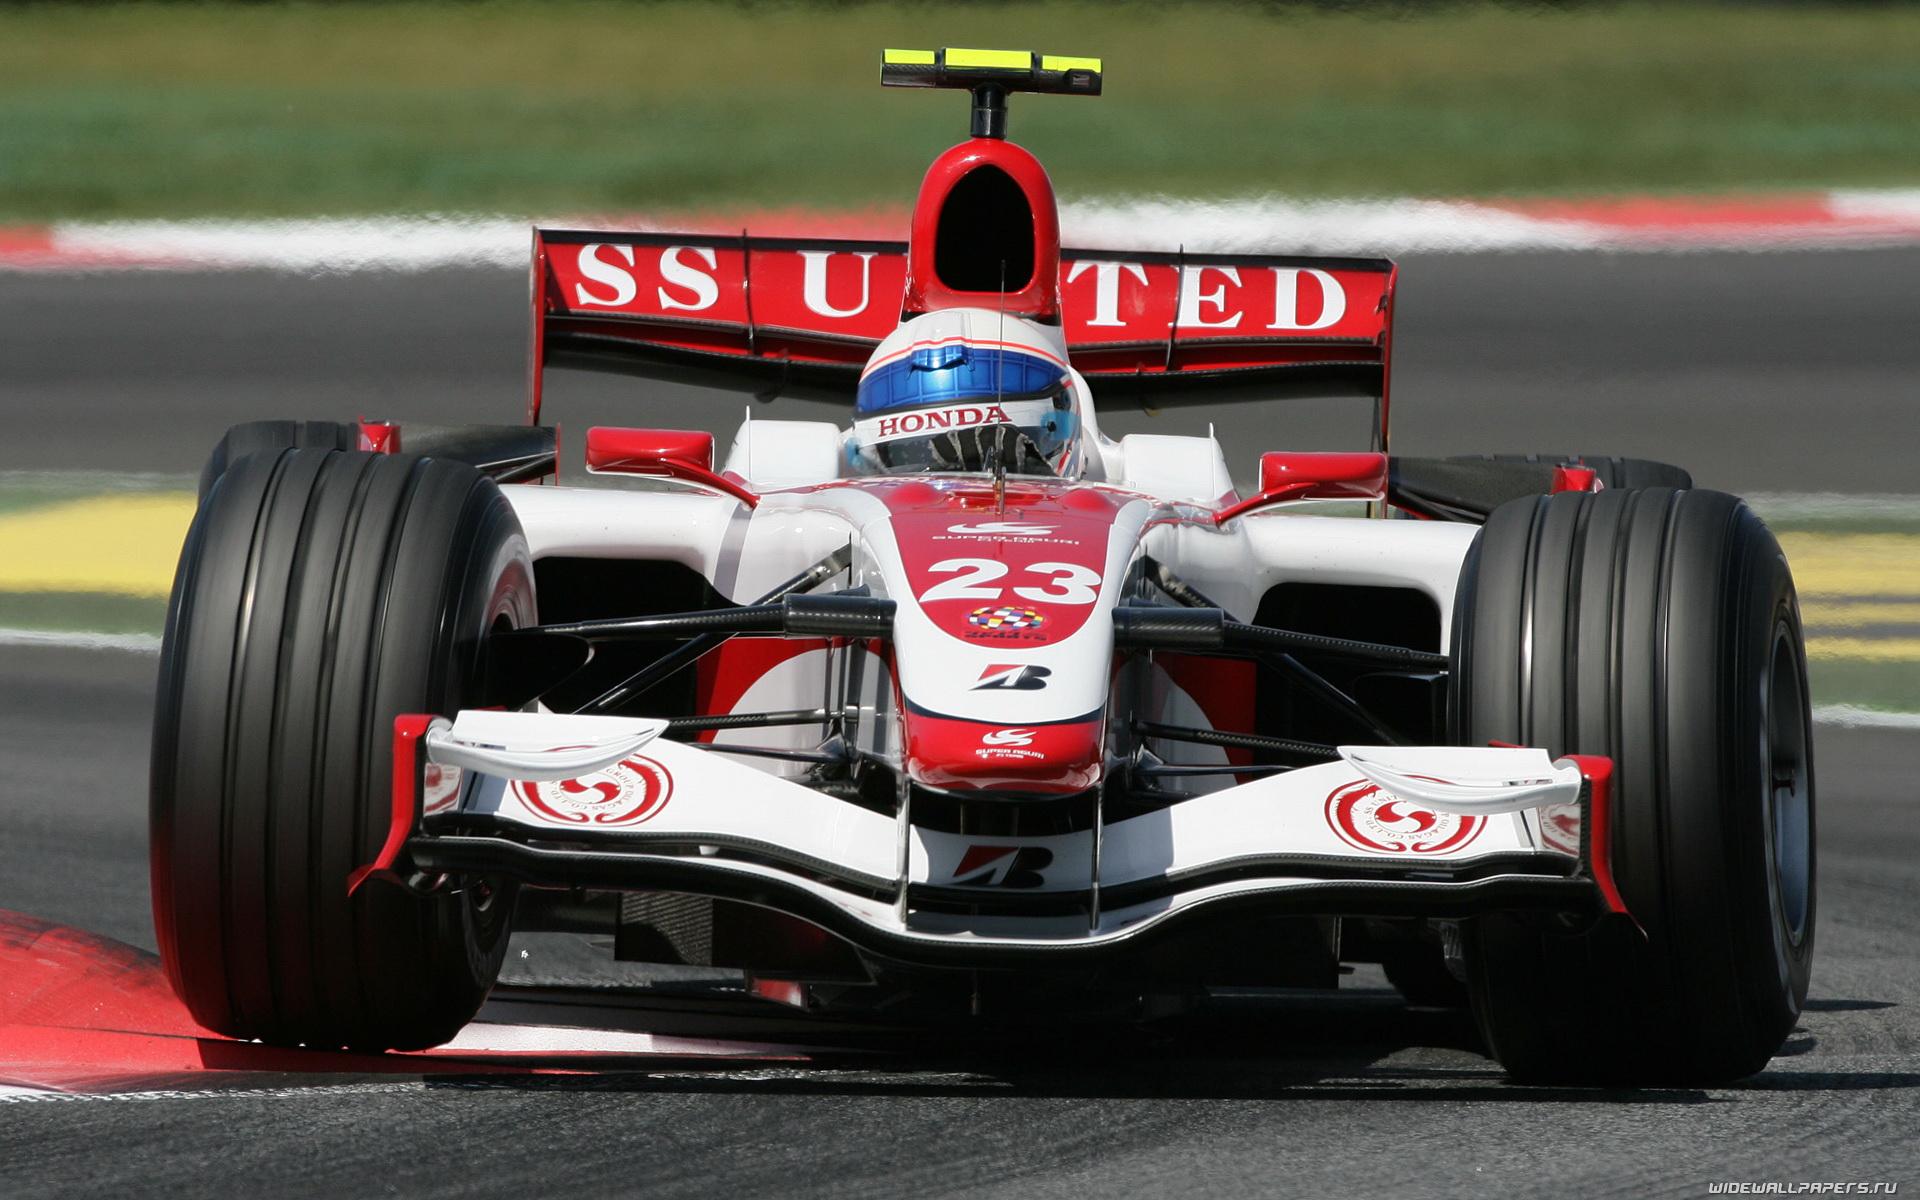 Автомобиль формула один, гоночный, скачать обои на рабочий стол